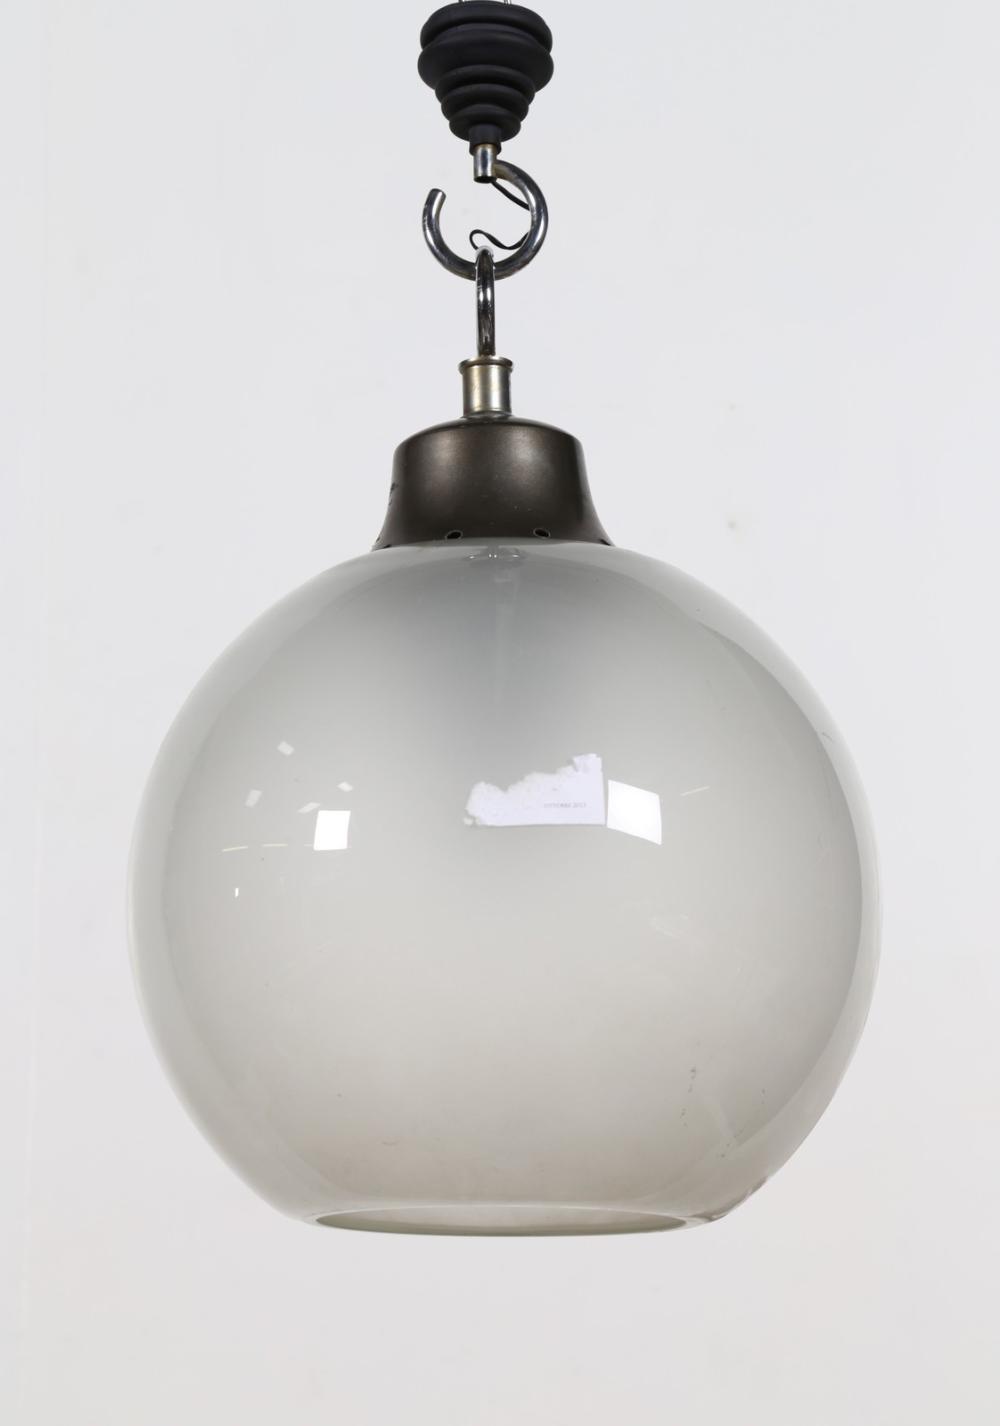 CACCIA DOMINIONI LUIGI (n. 1913) Ceiling lamp mod. LS10